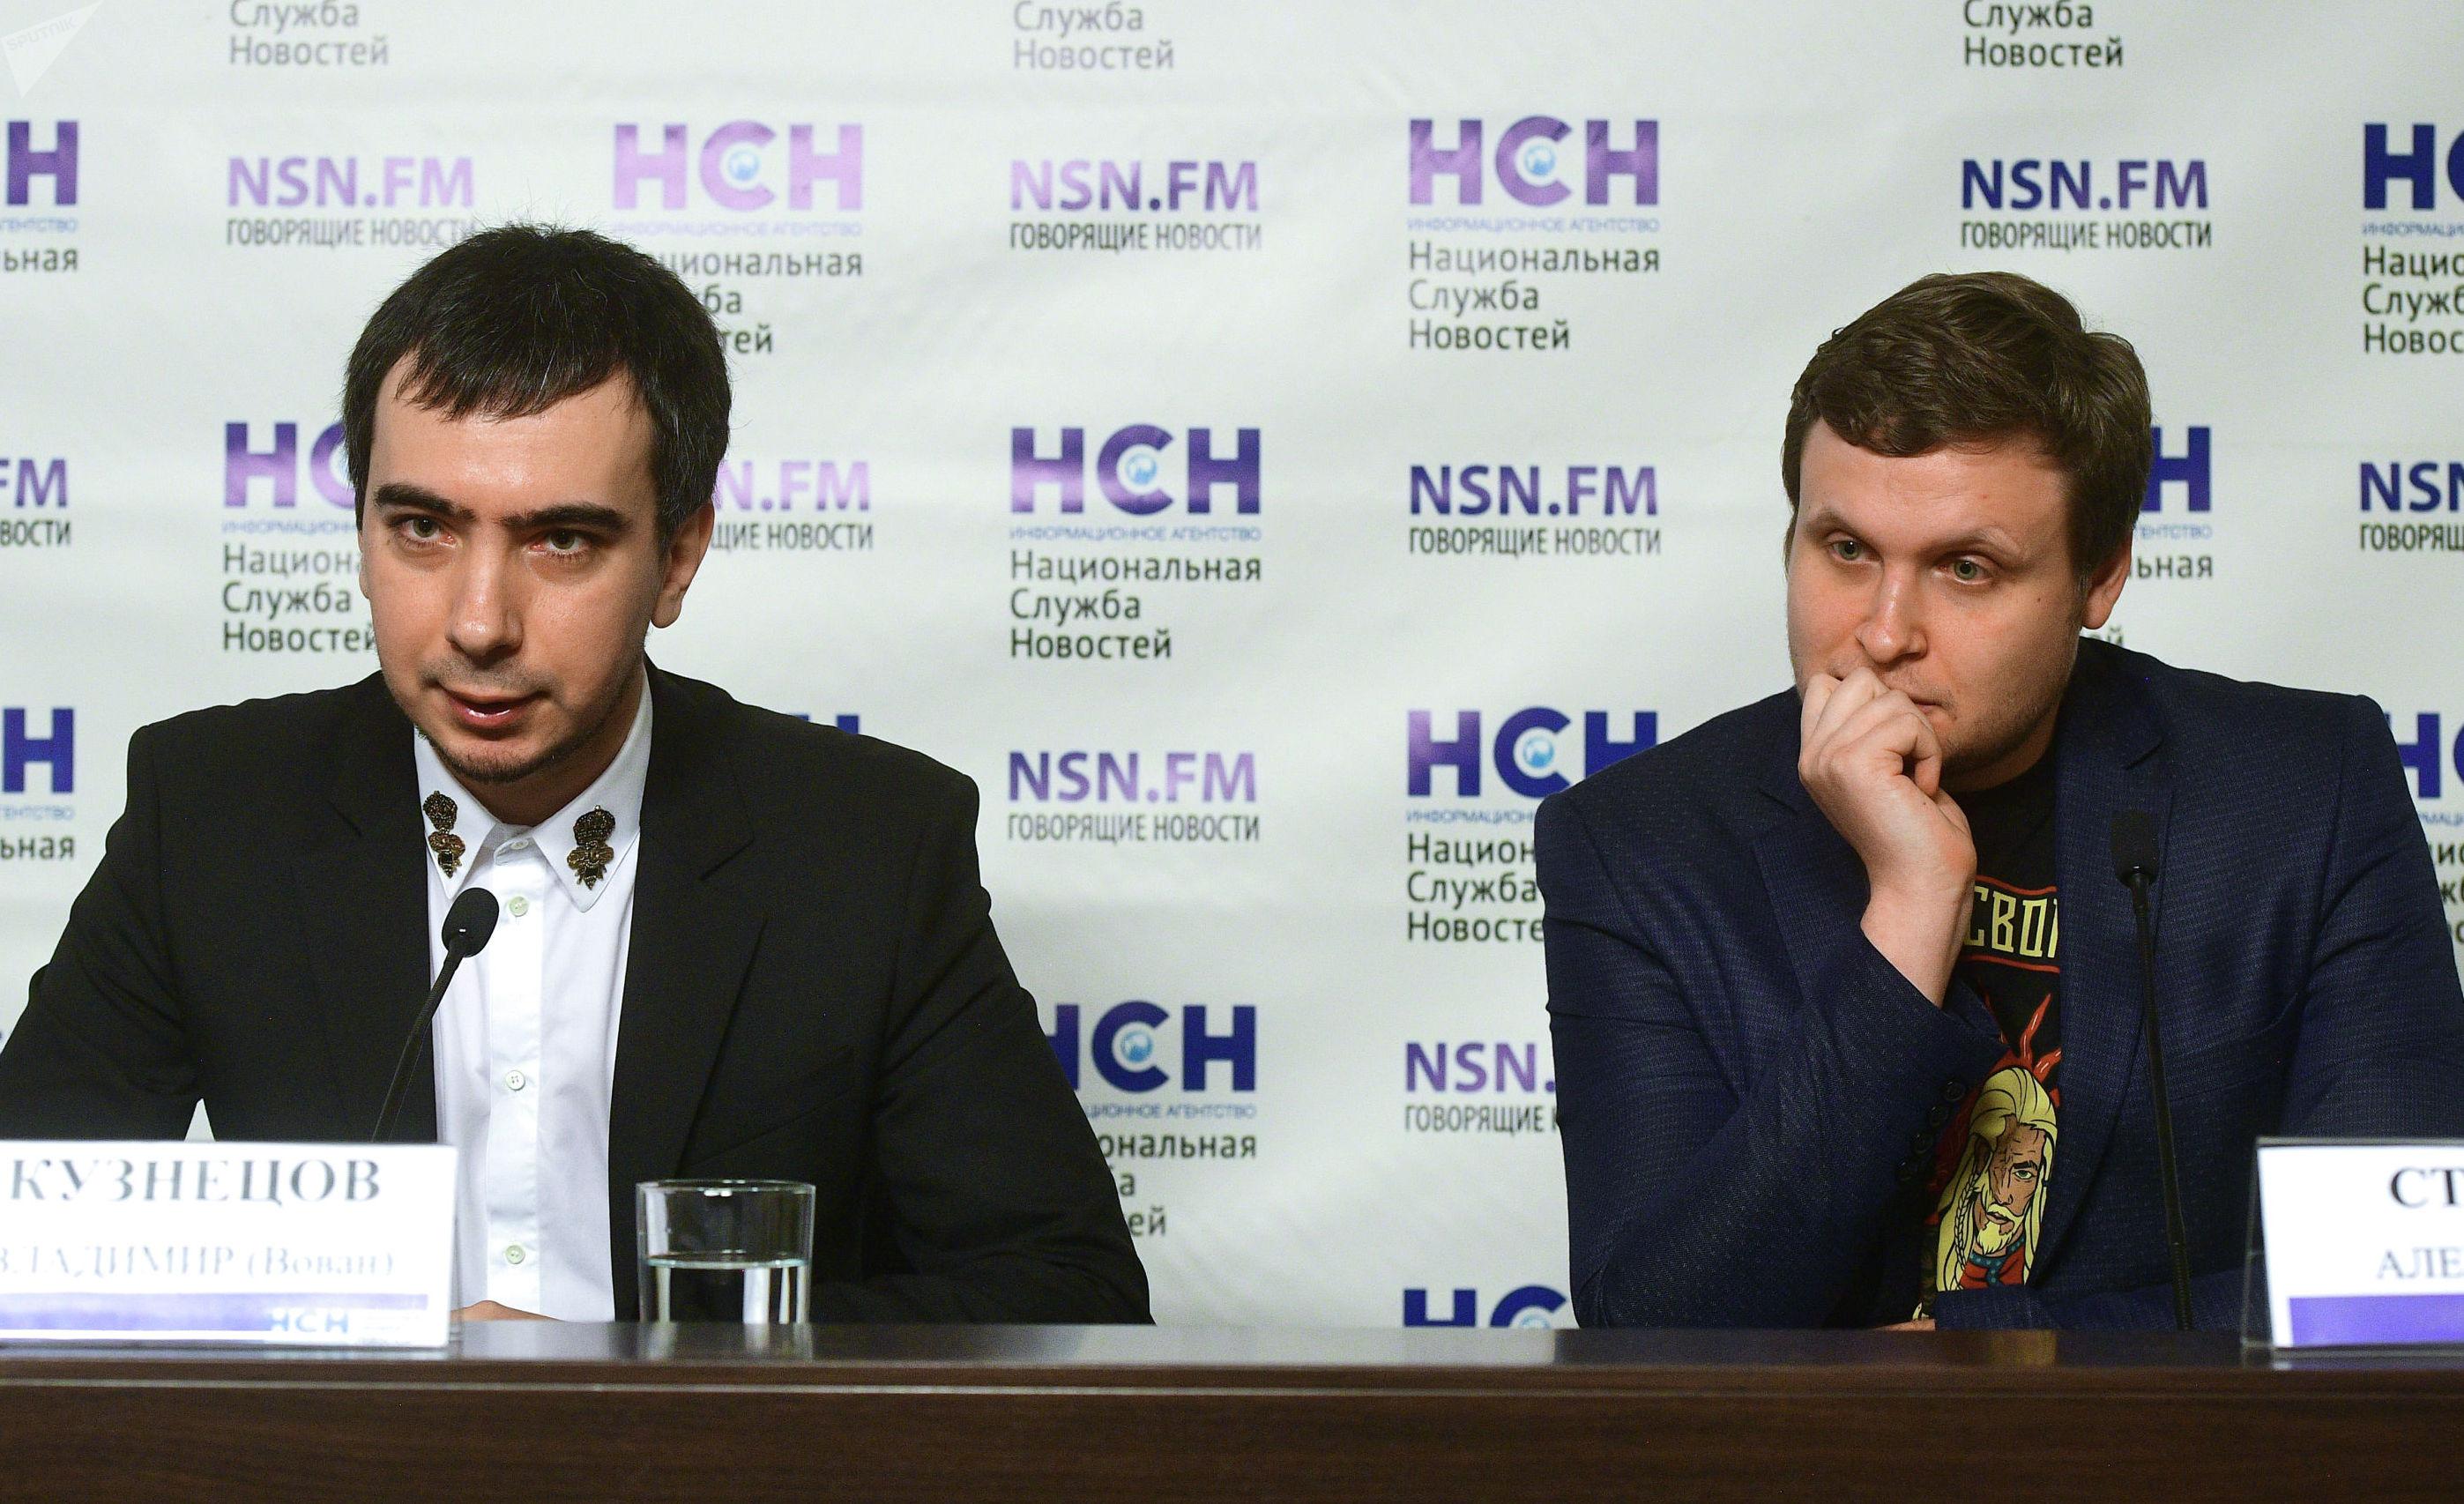 Пранкеры Вован (Владимир Кузнецов) и Лексус (Алексей Столяров)